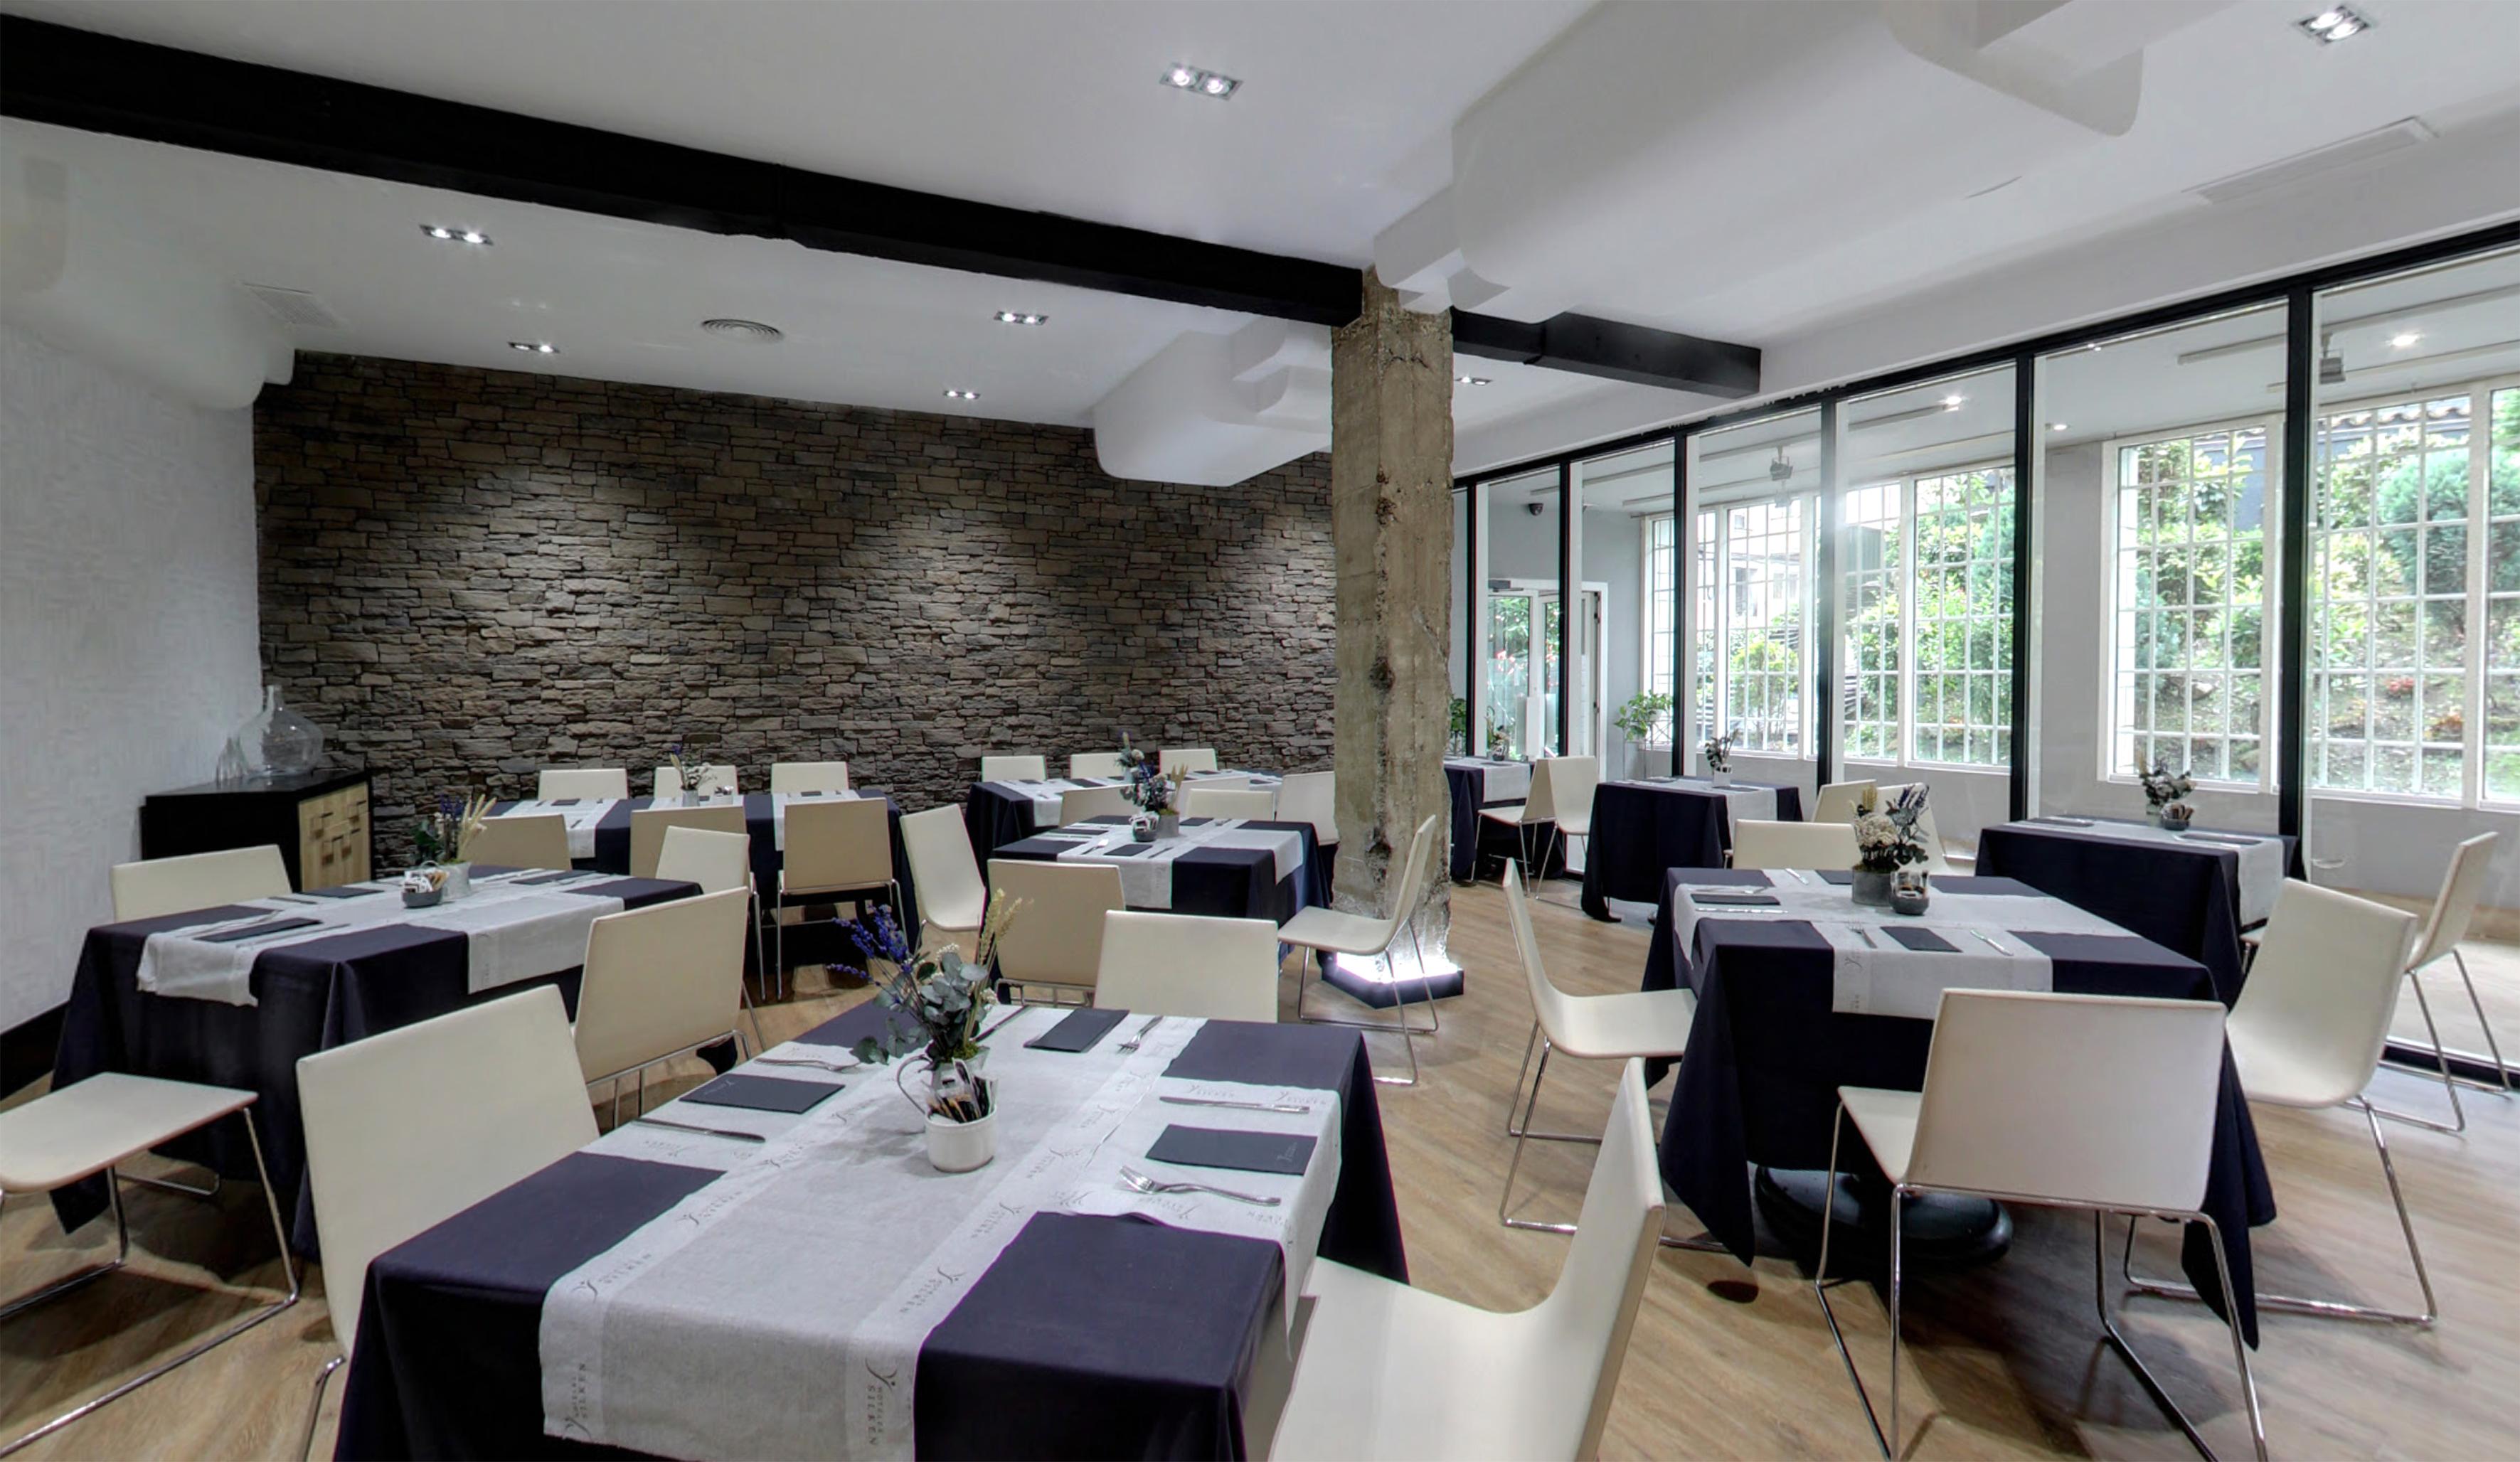 Mas luminosidad y una imagen mas moderna a la vez que funcional eran los objetivos que perseguíamos en la reforma del comedor del Hotel Silken Indatuxu en Bilbao